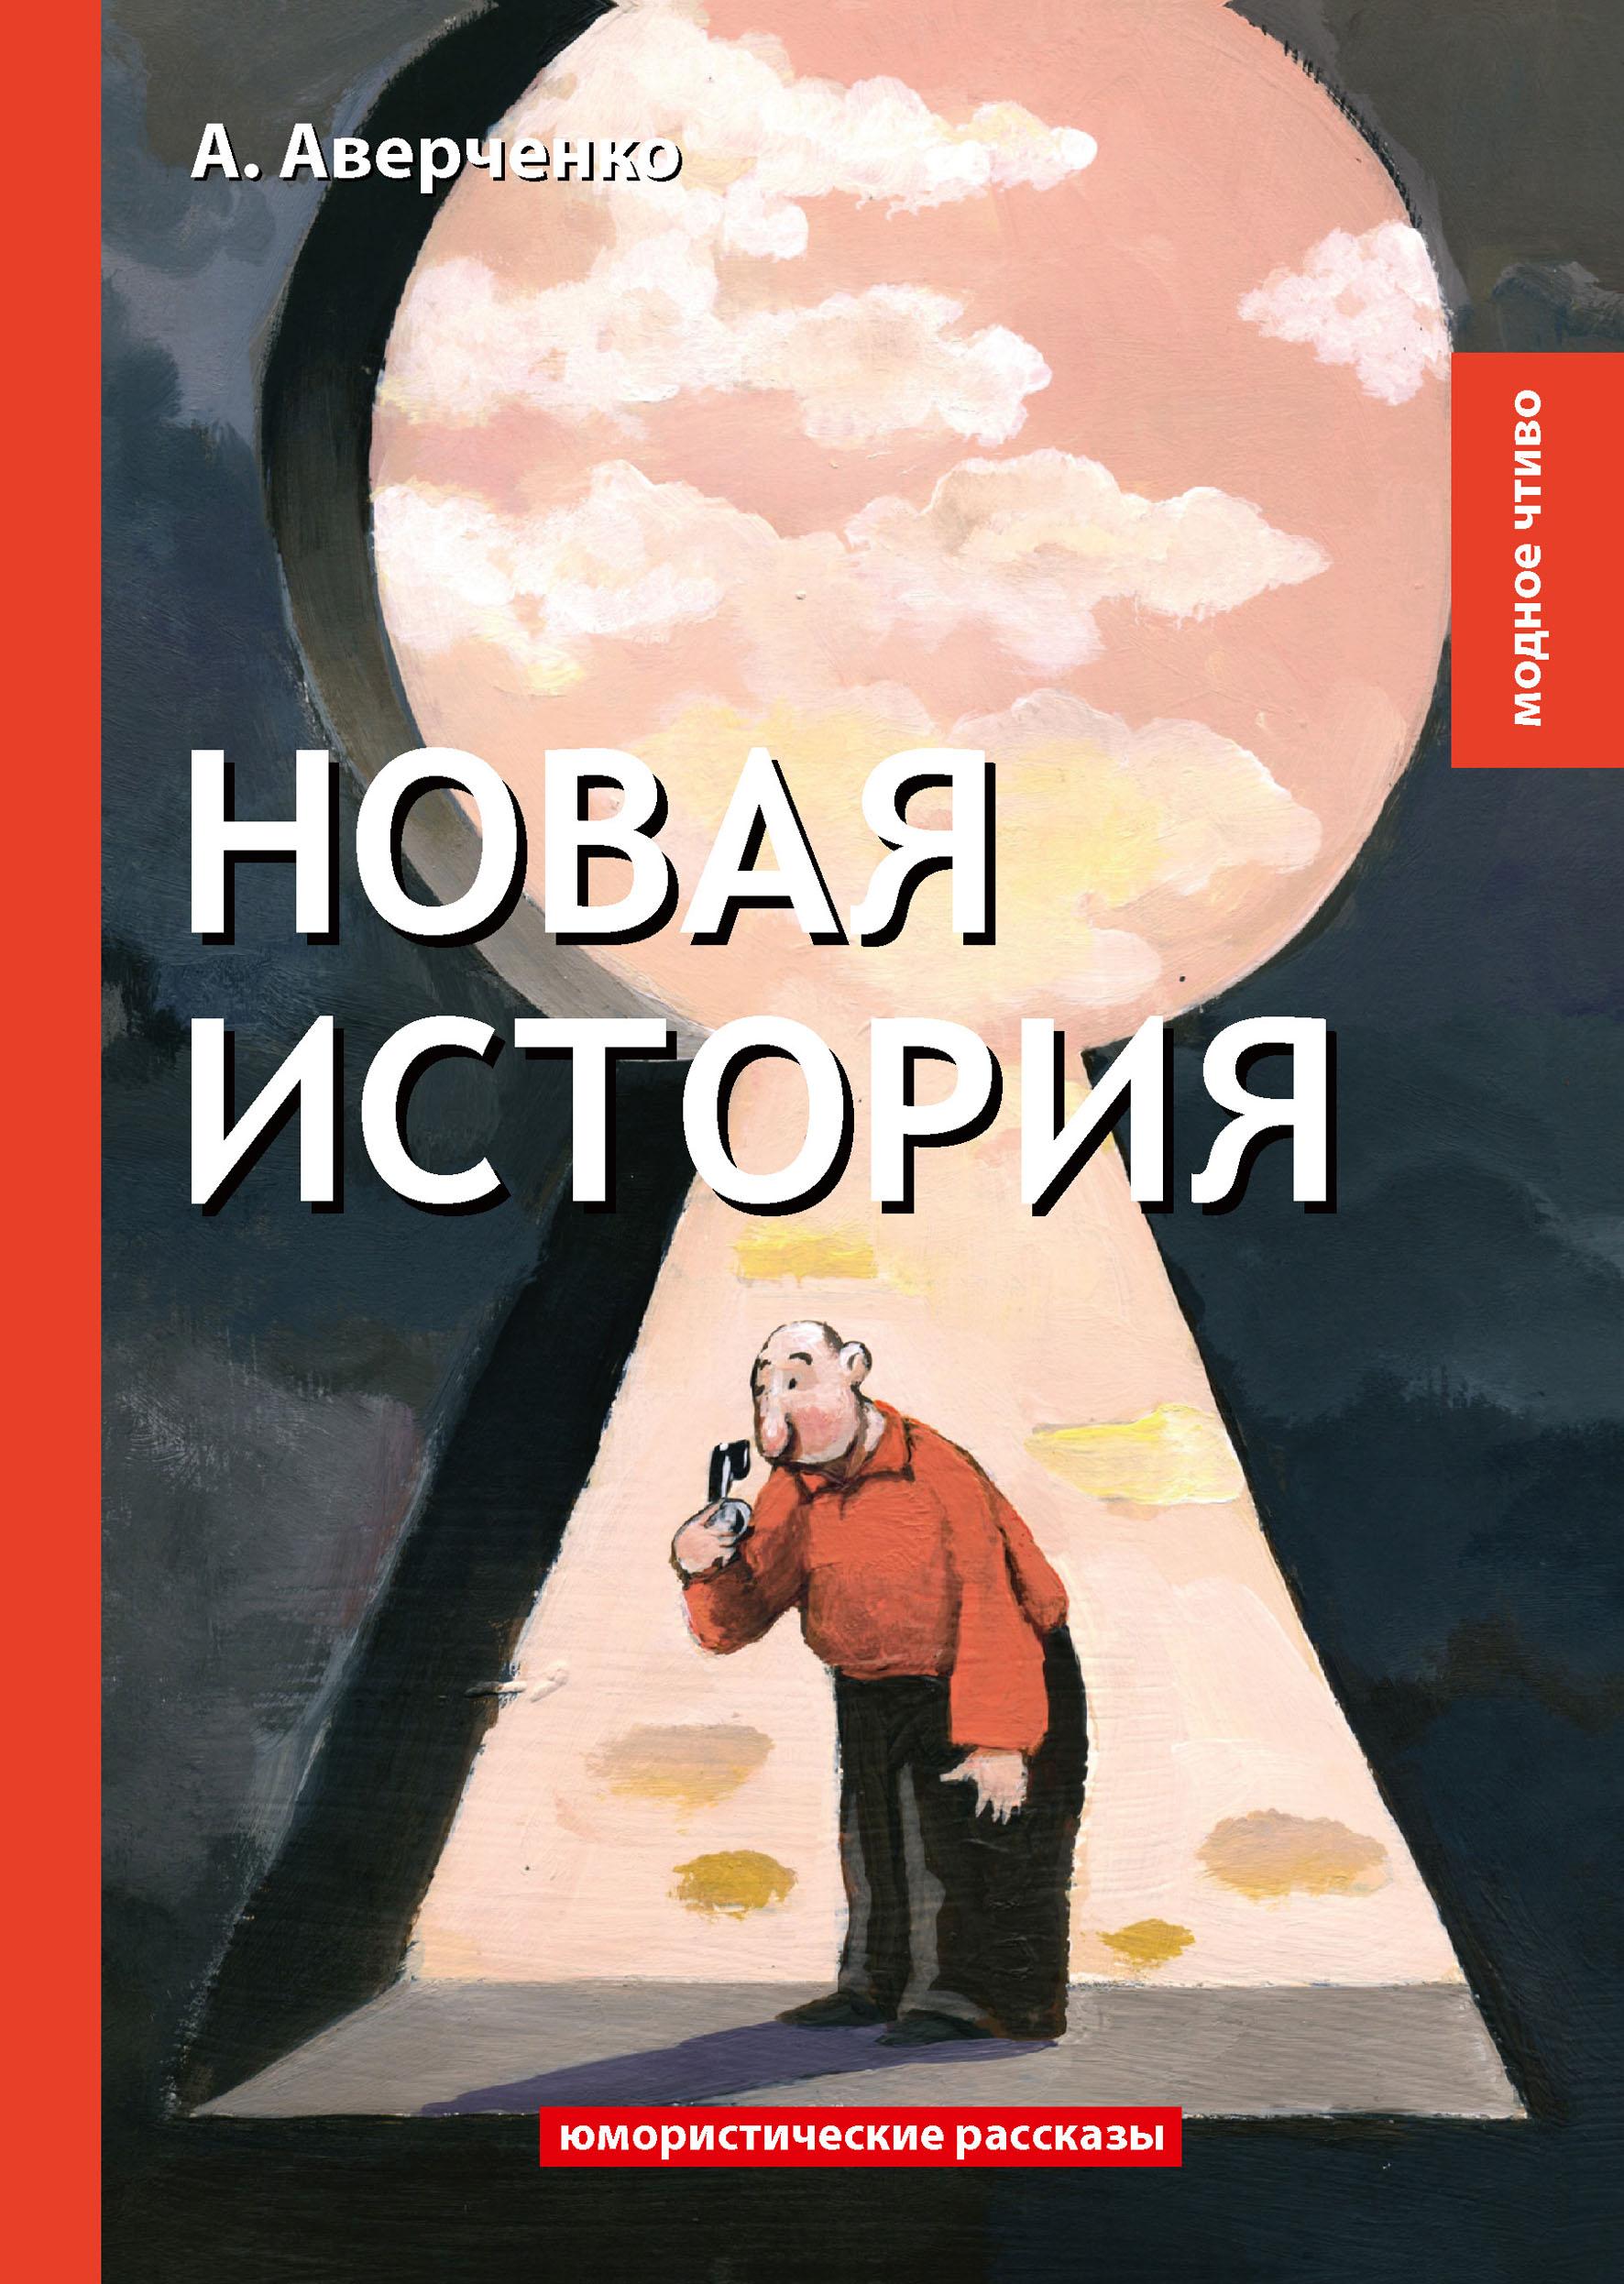 Zakazat.ru: Новая история. А. Аверченко